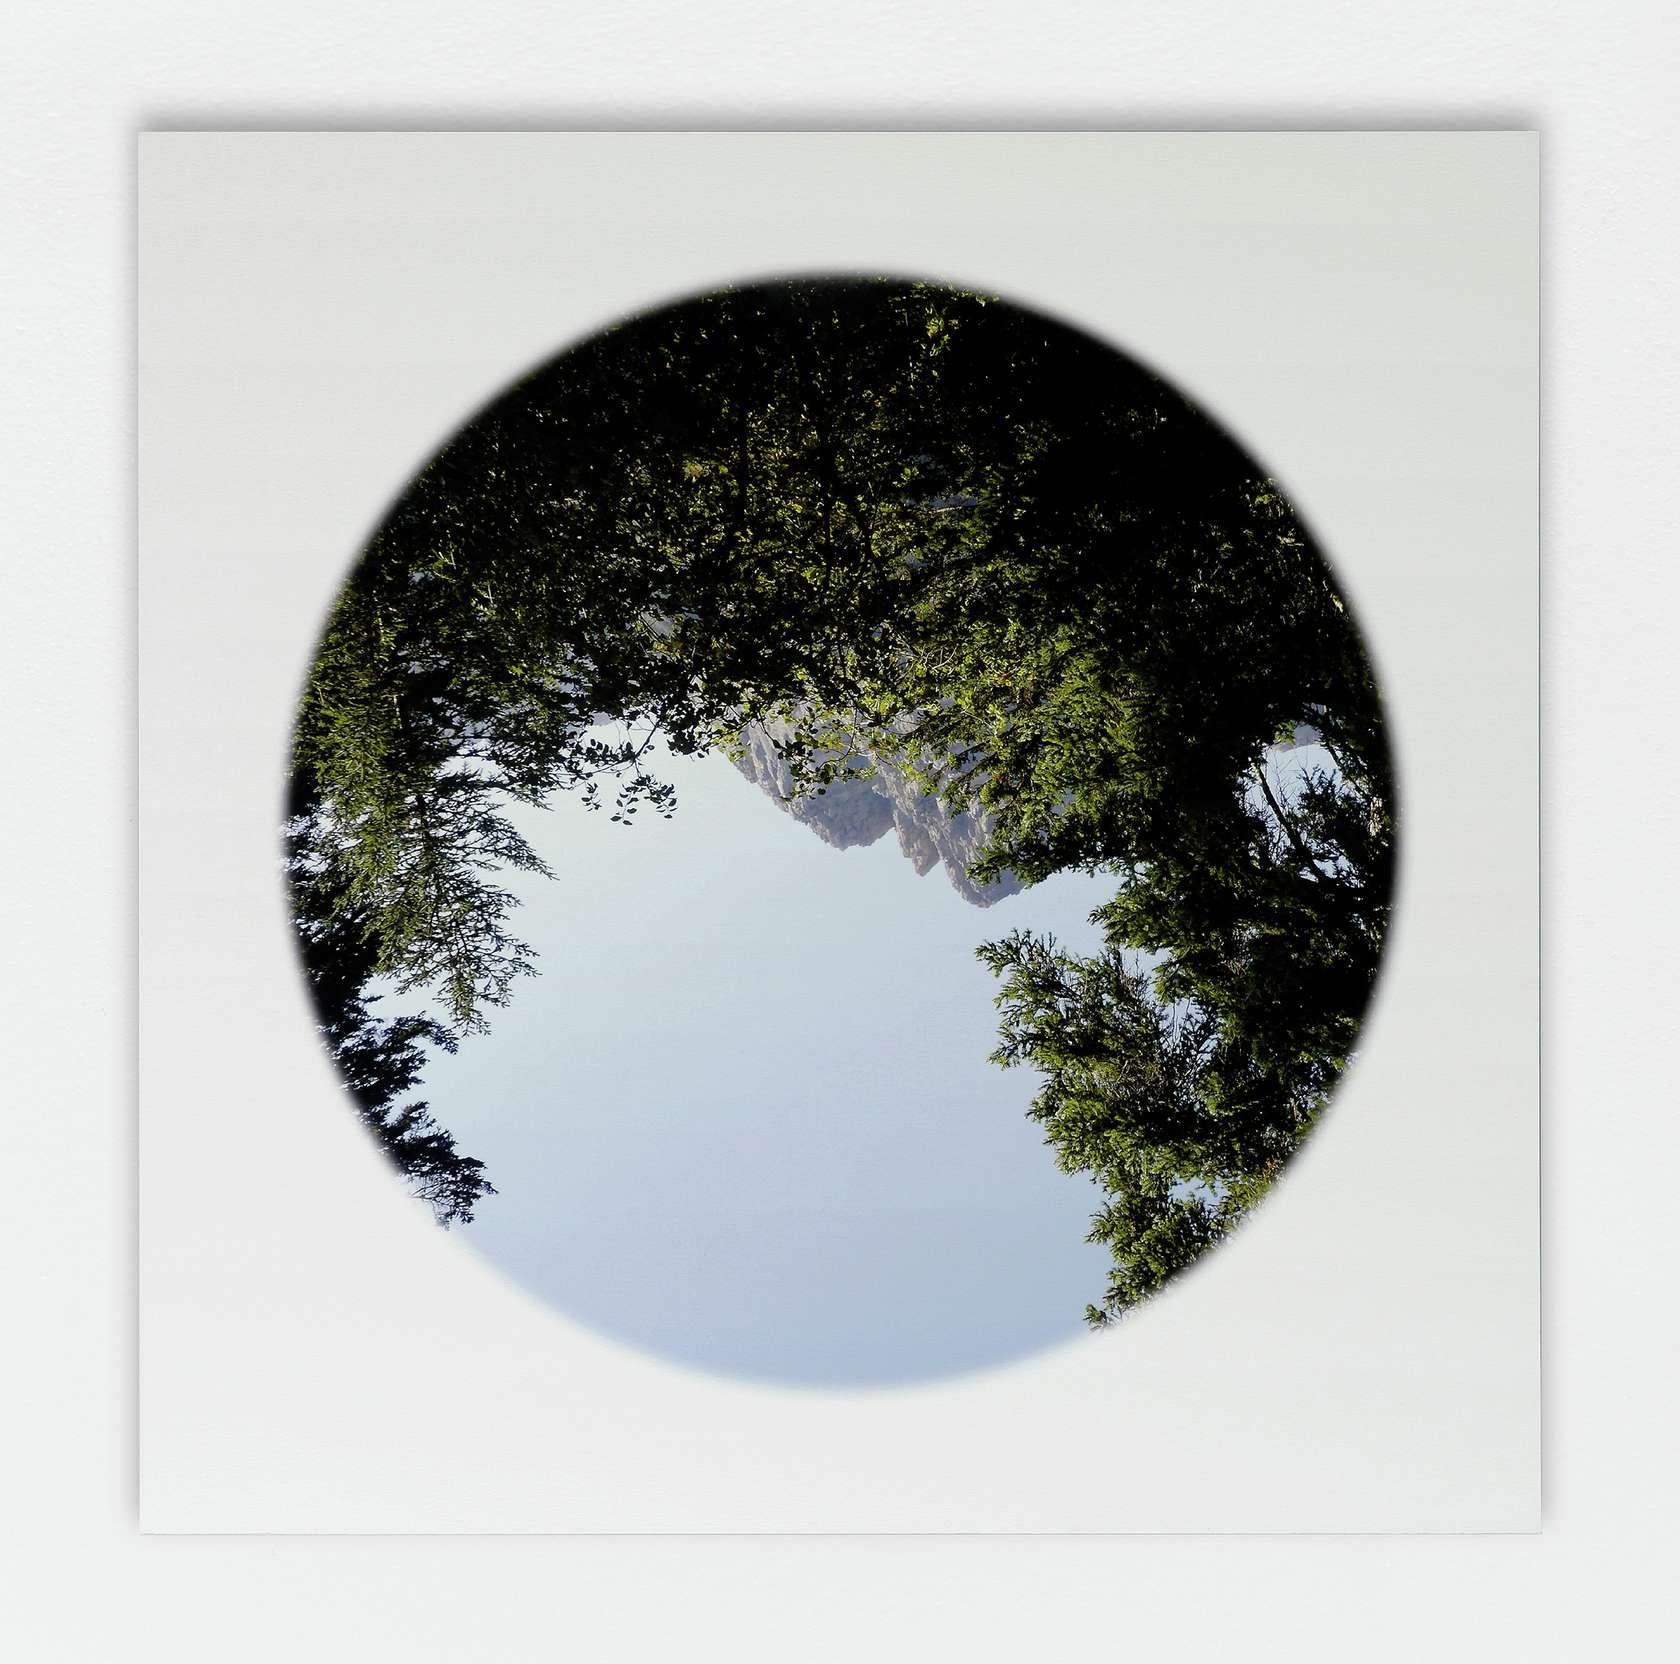 Abraham Poincheval, Gyrovague - Saison I, 2011 - 2012 Tirage pigmentaire sur papier coton contrecollé sur aluminium110 × 110 cm / 43 2/8 × 43 2/8 in.